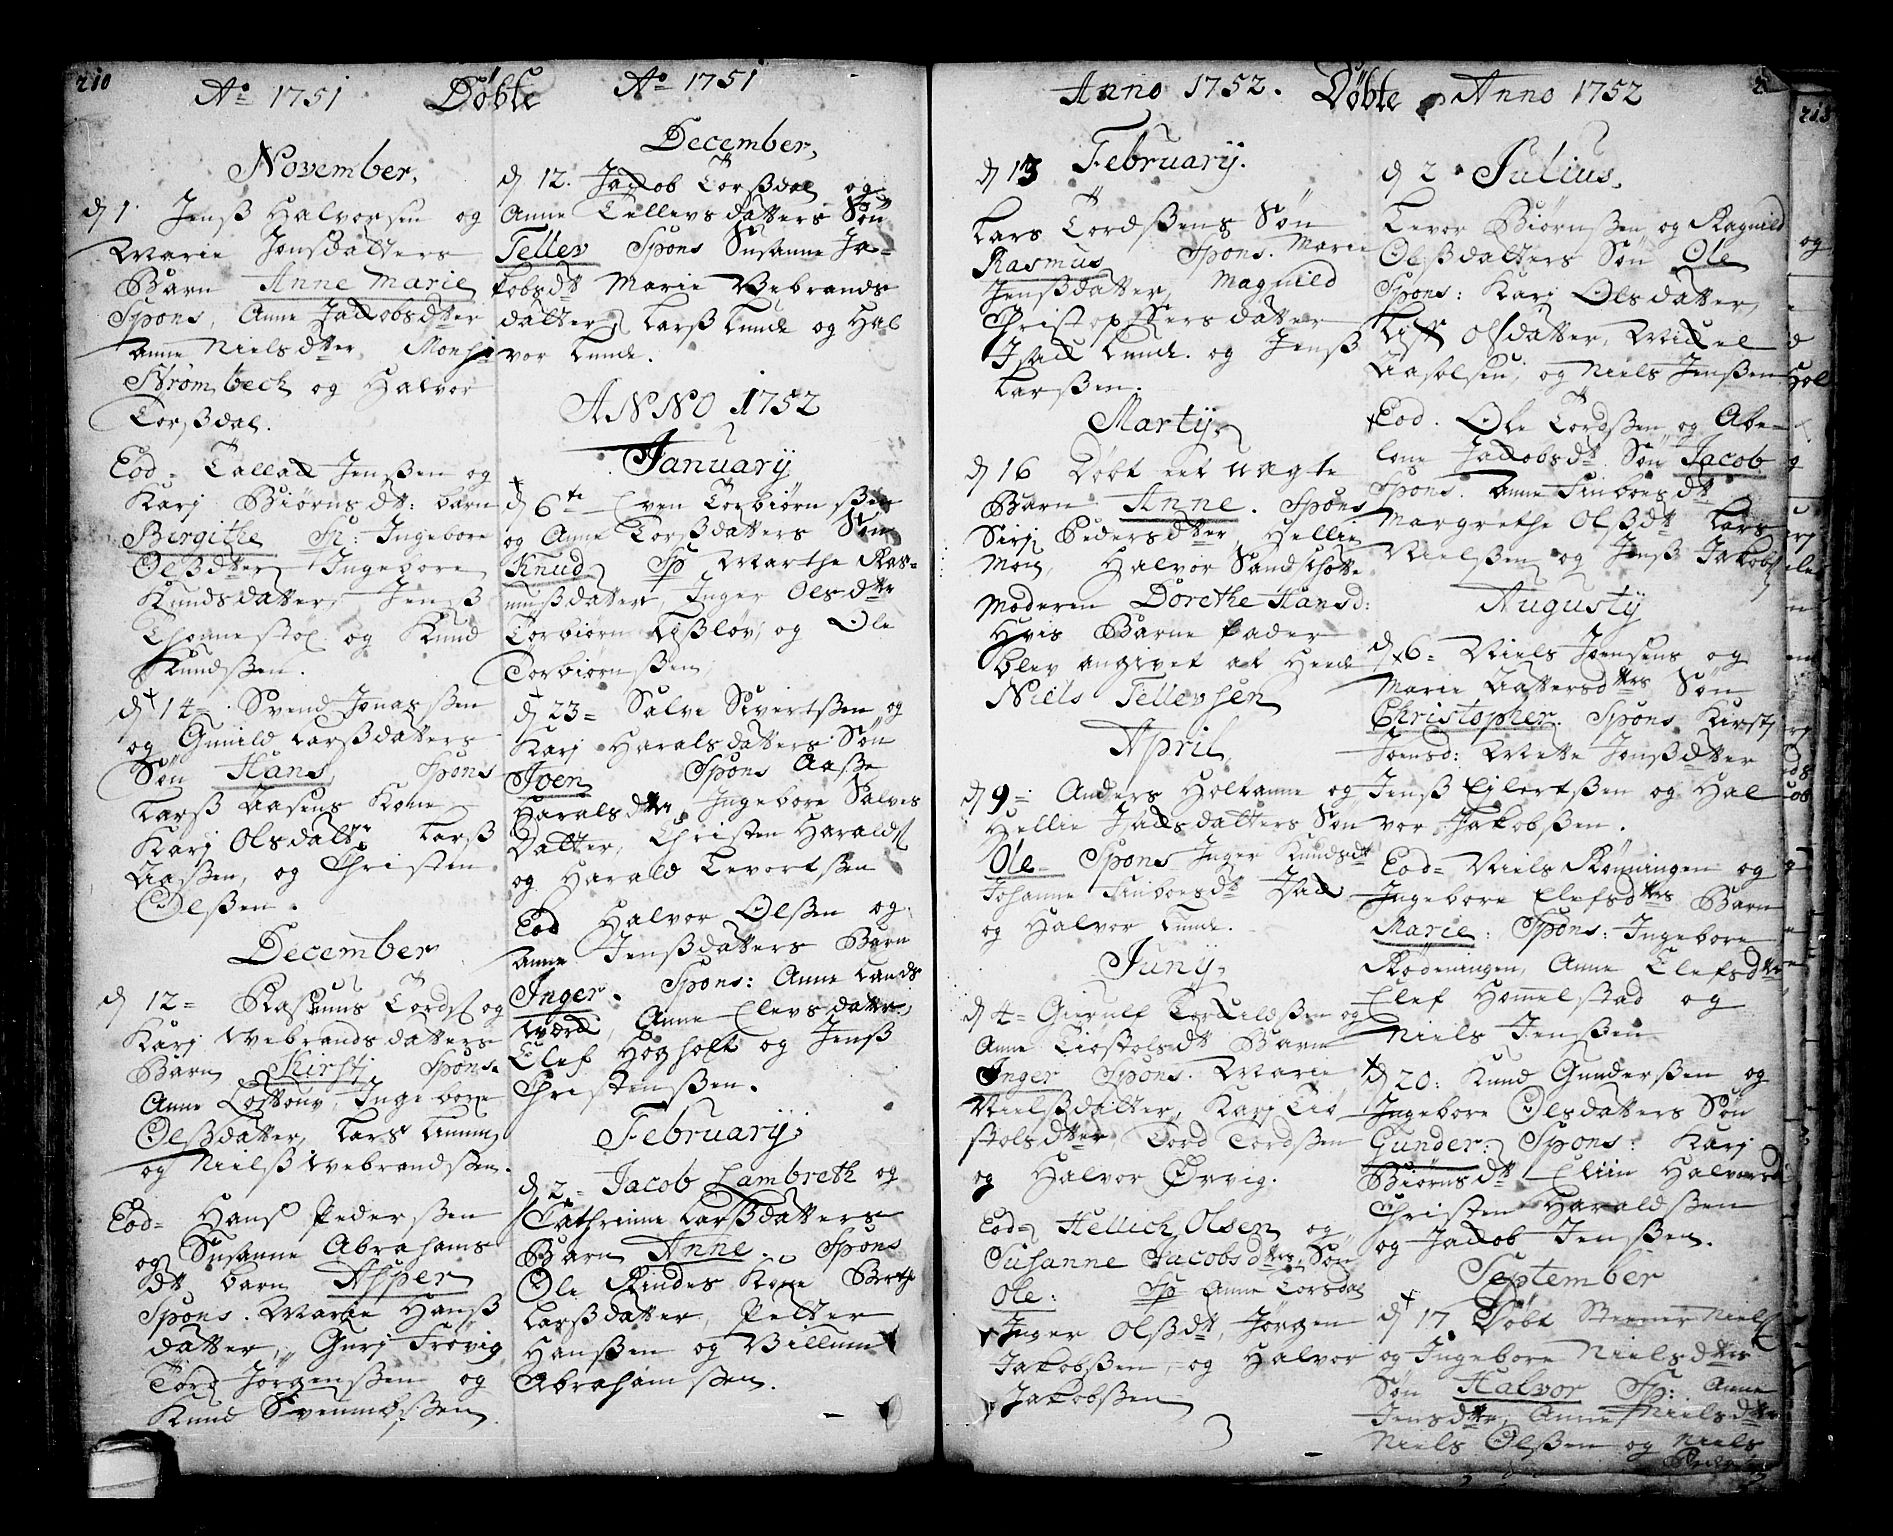 SAKO, Sannidal kirkebøker, F/Fa/L0001: Ministerialbok nr. 1, 1702-1766, s. 210-211